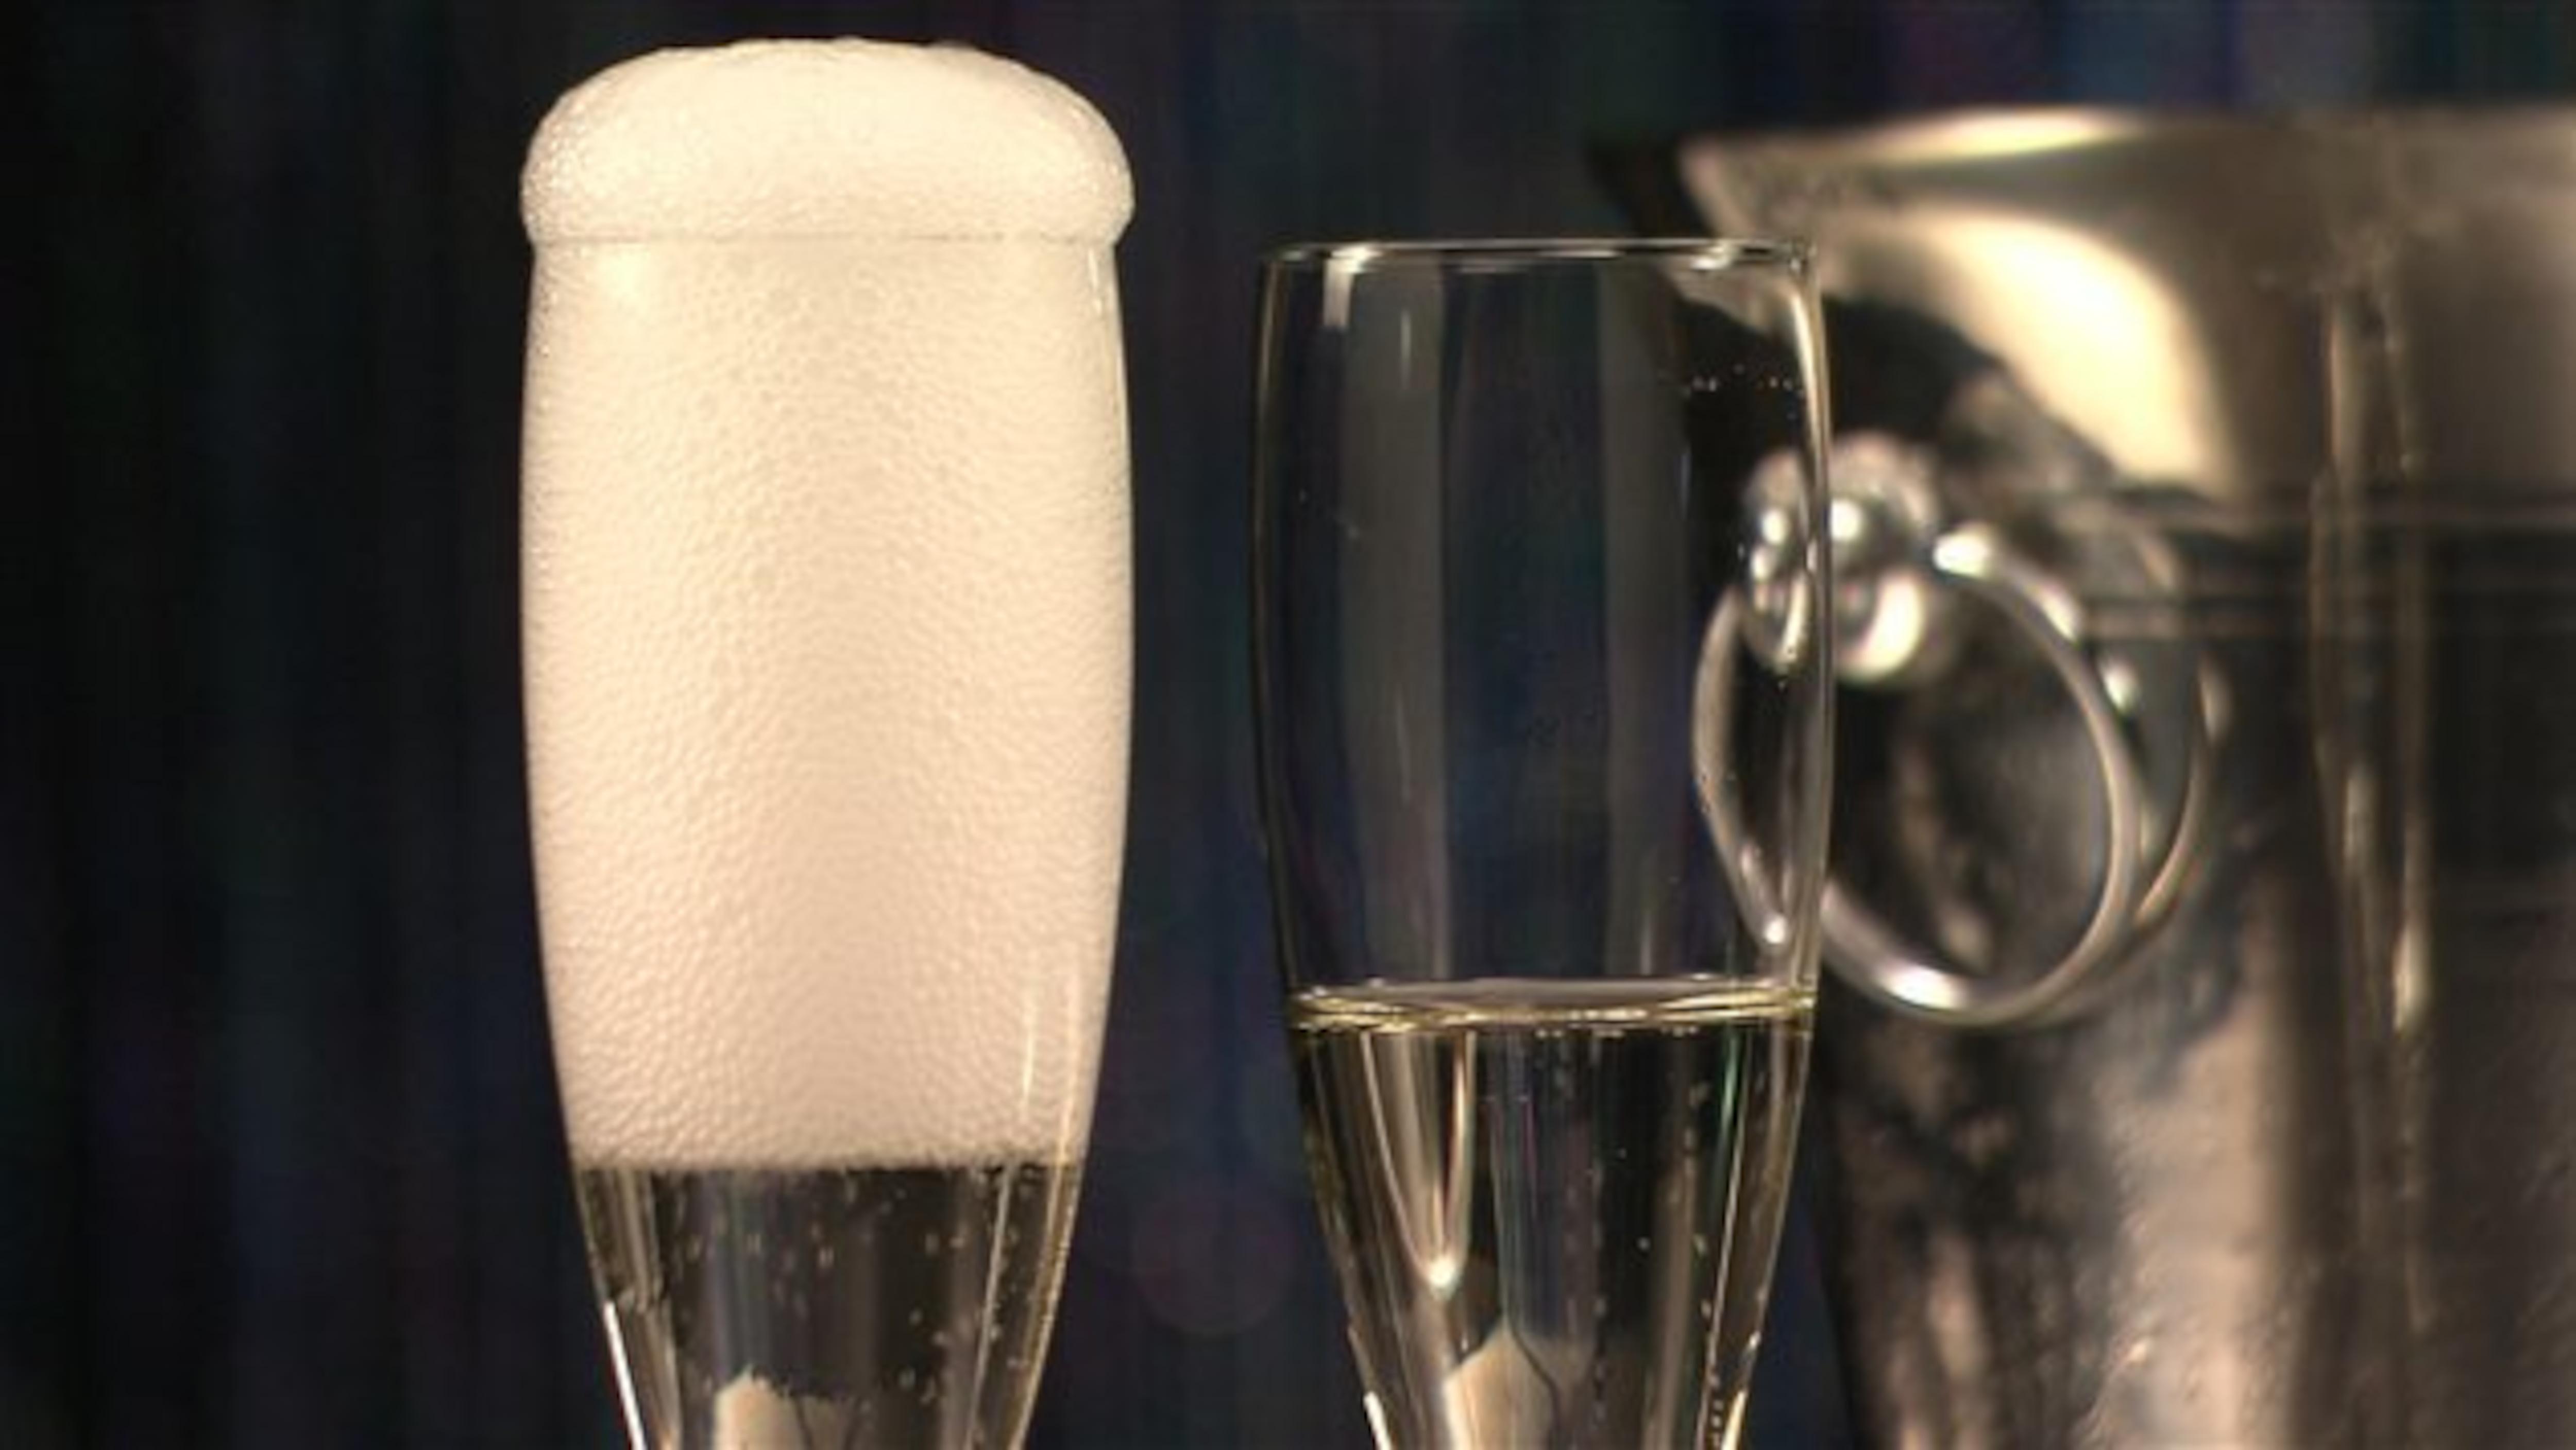 Deux flûtes de champagne devant un seau à glace.